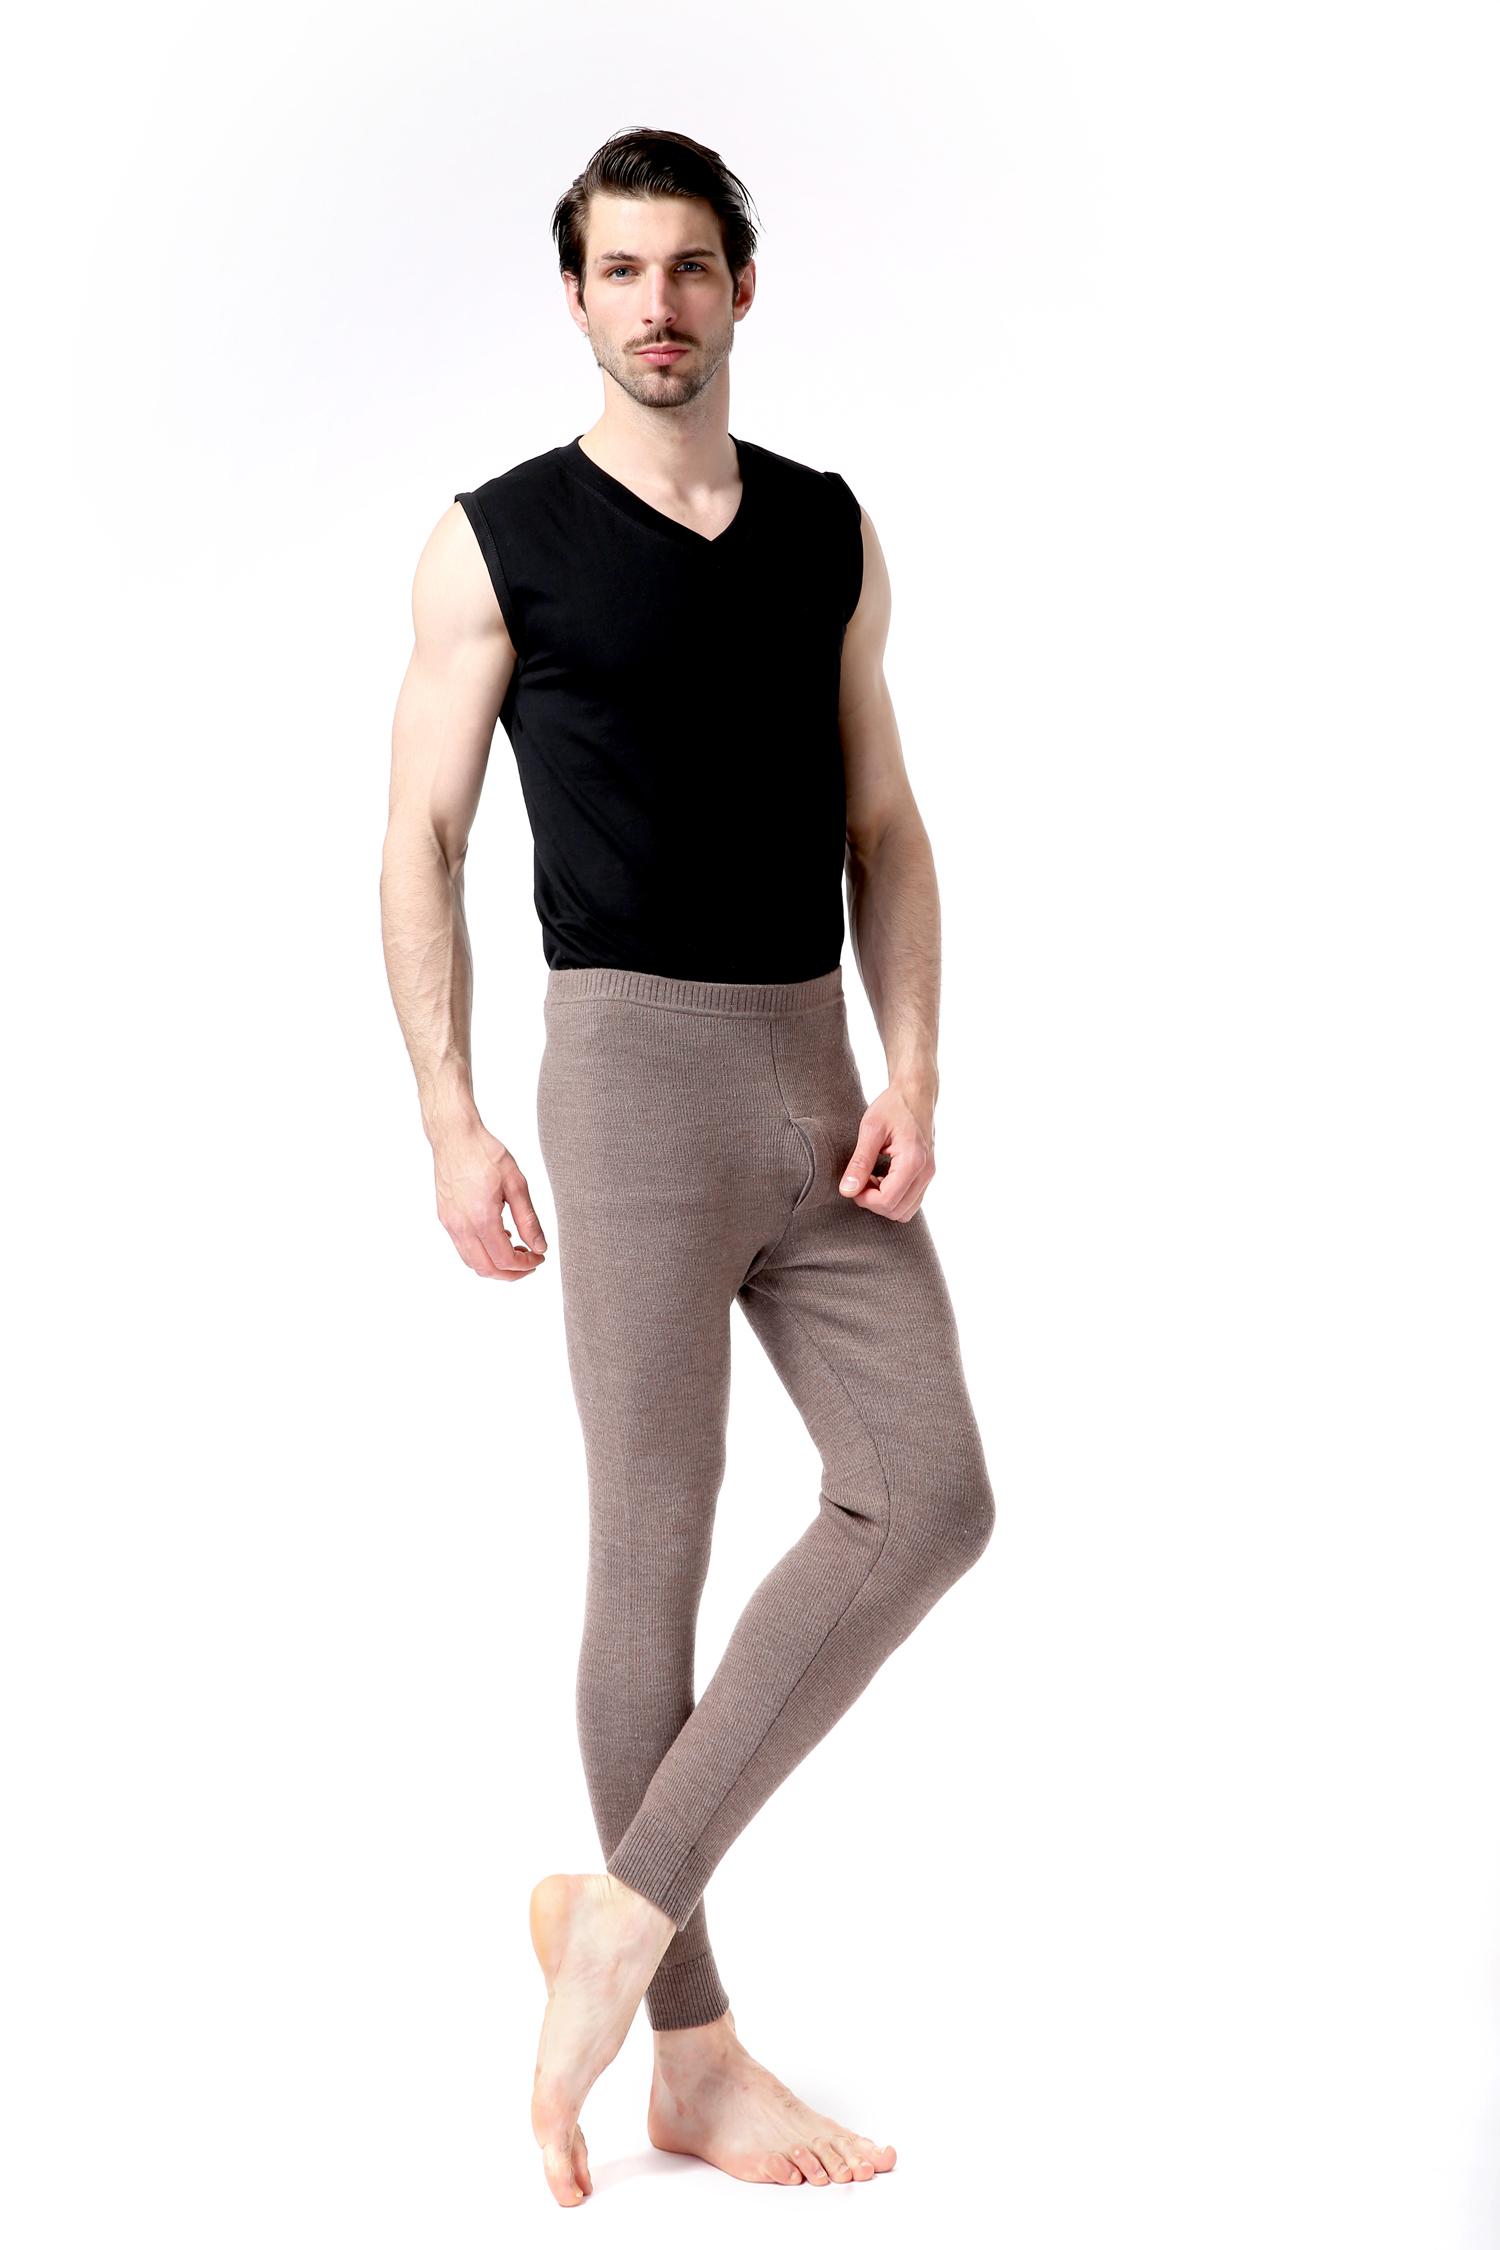 专业的保暖内衣,大卖都兰诺斯澳毛男抽条裤购买技巧